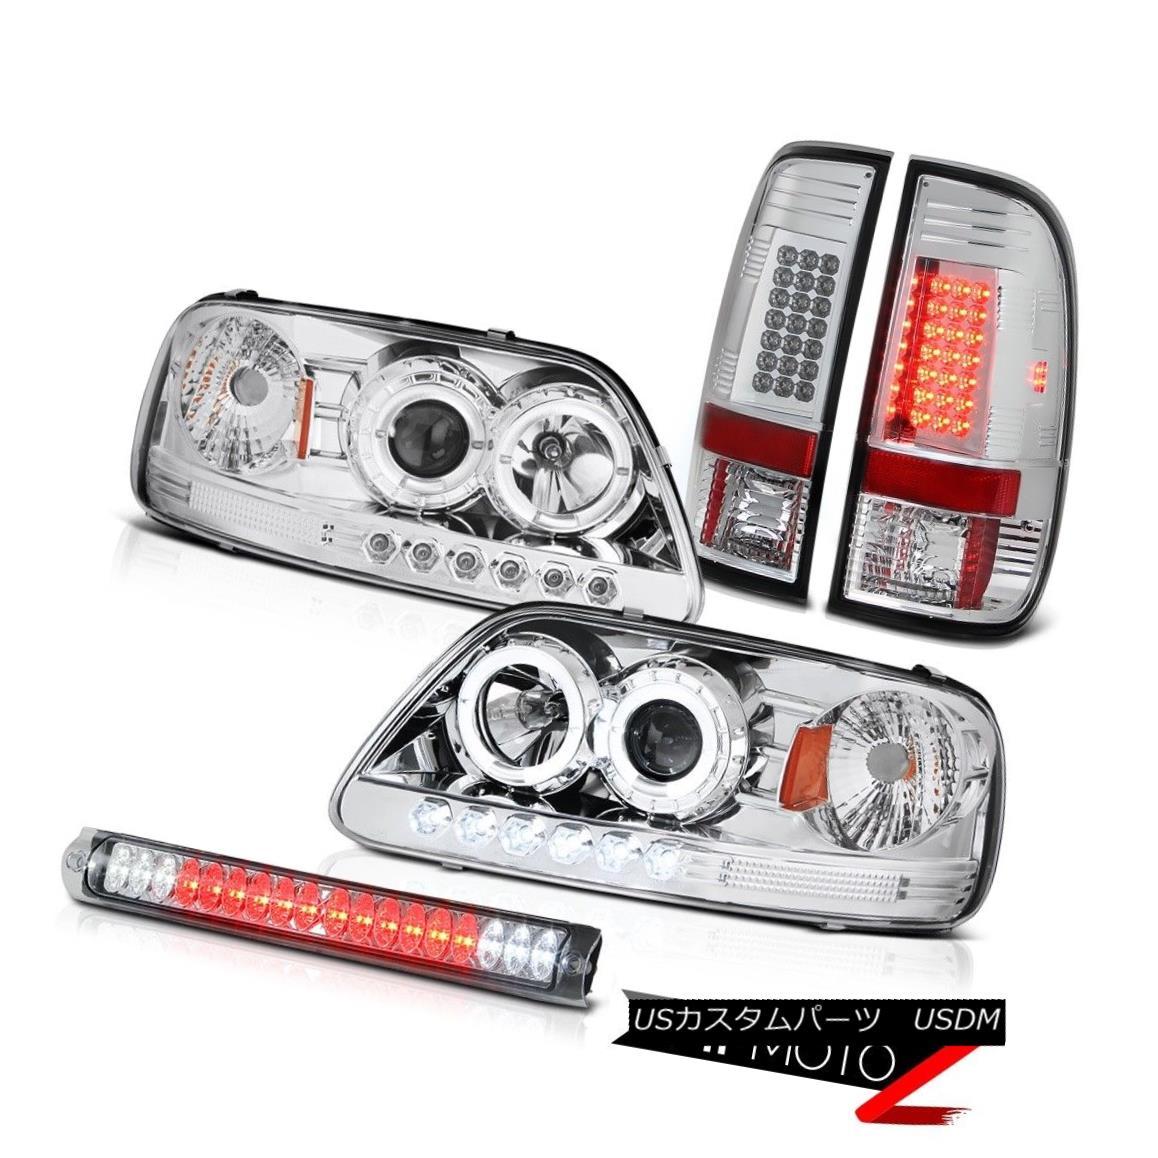 テールライト Headlight Halo DRL LED Chrome Tail Light High Brake Lamp F150 SVT 1999 2000 2001 ヘッドライトHalo DRL LEDクロームテールライトハイブレーキランプF150 SVT 1999 2000 2001